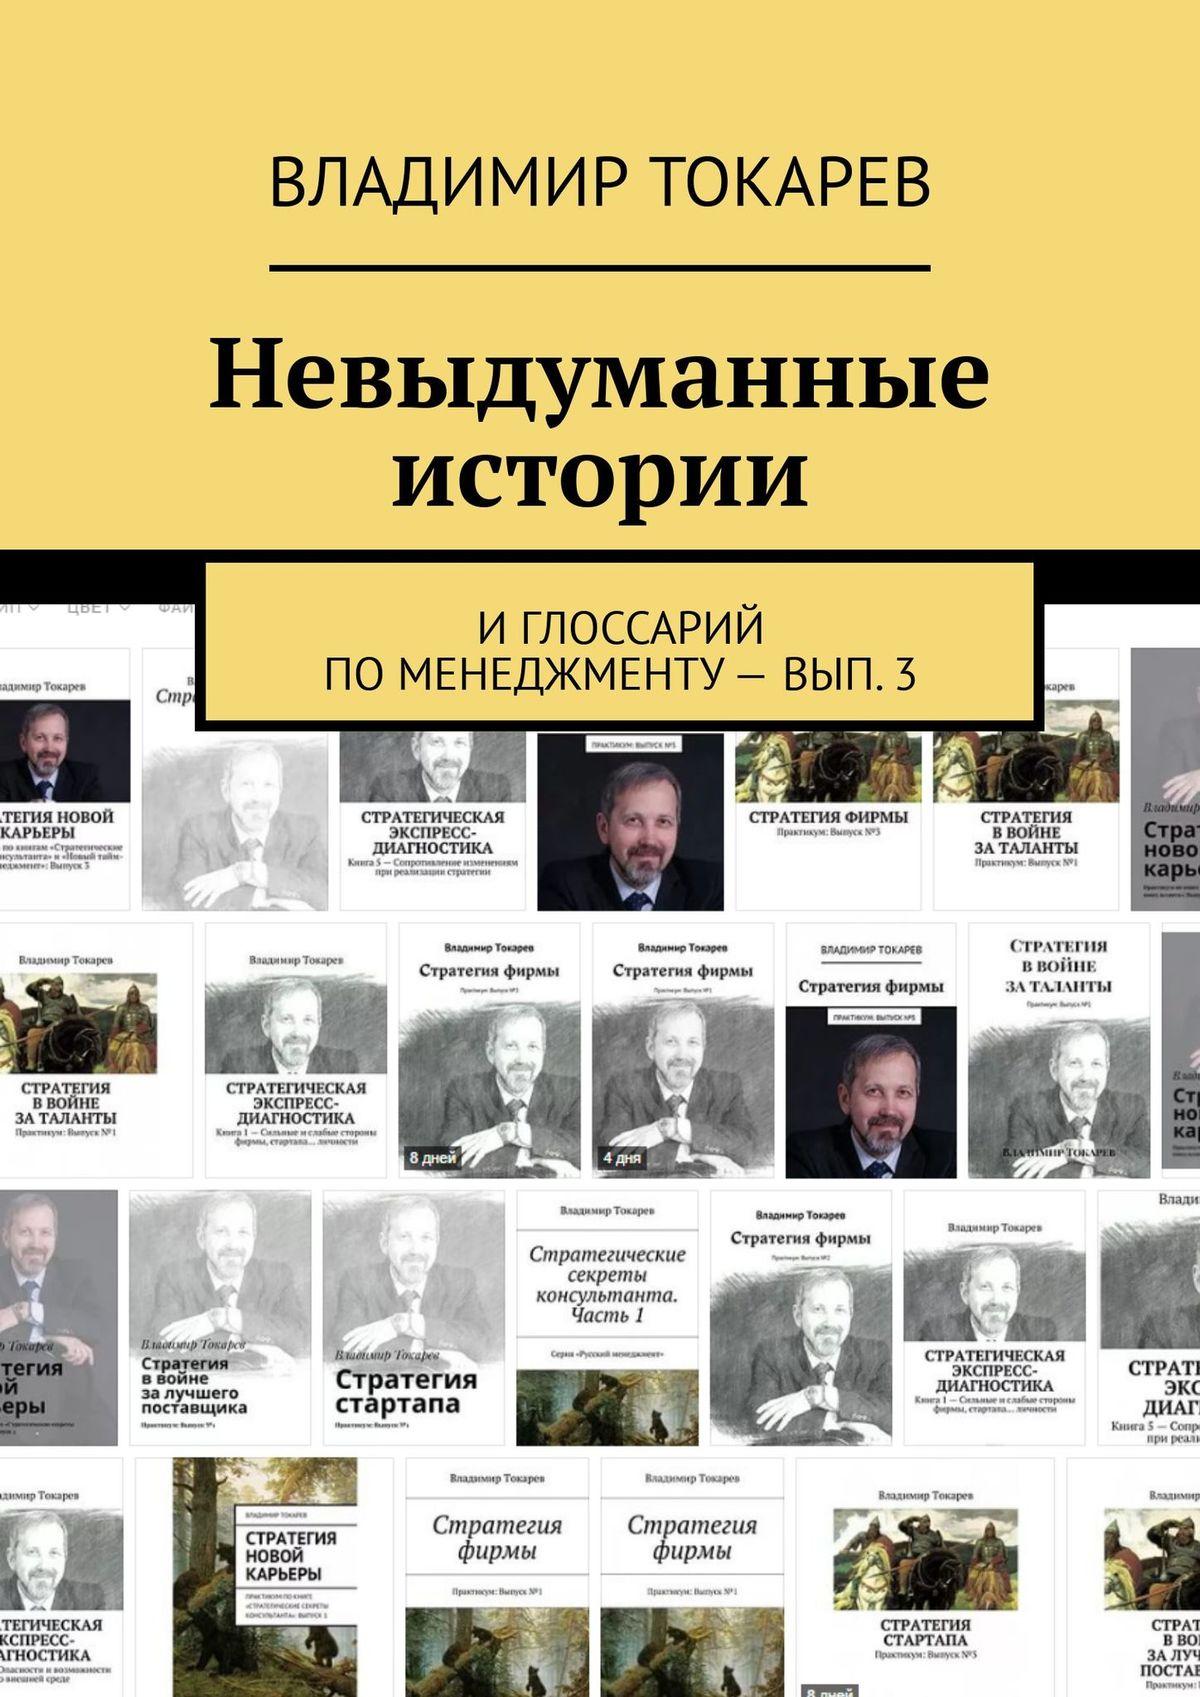 Владимир Токарев Невыдуманные истории. И глоссарий по менеджменту– вып.3